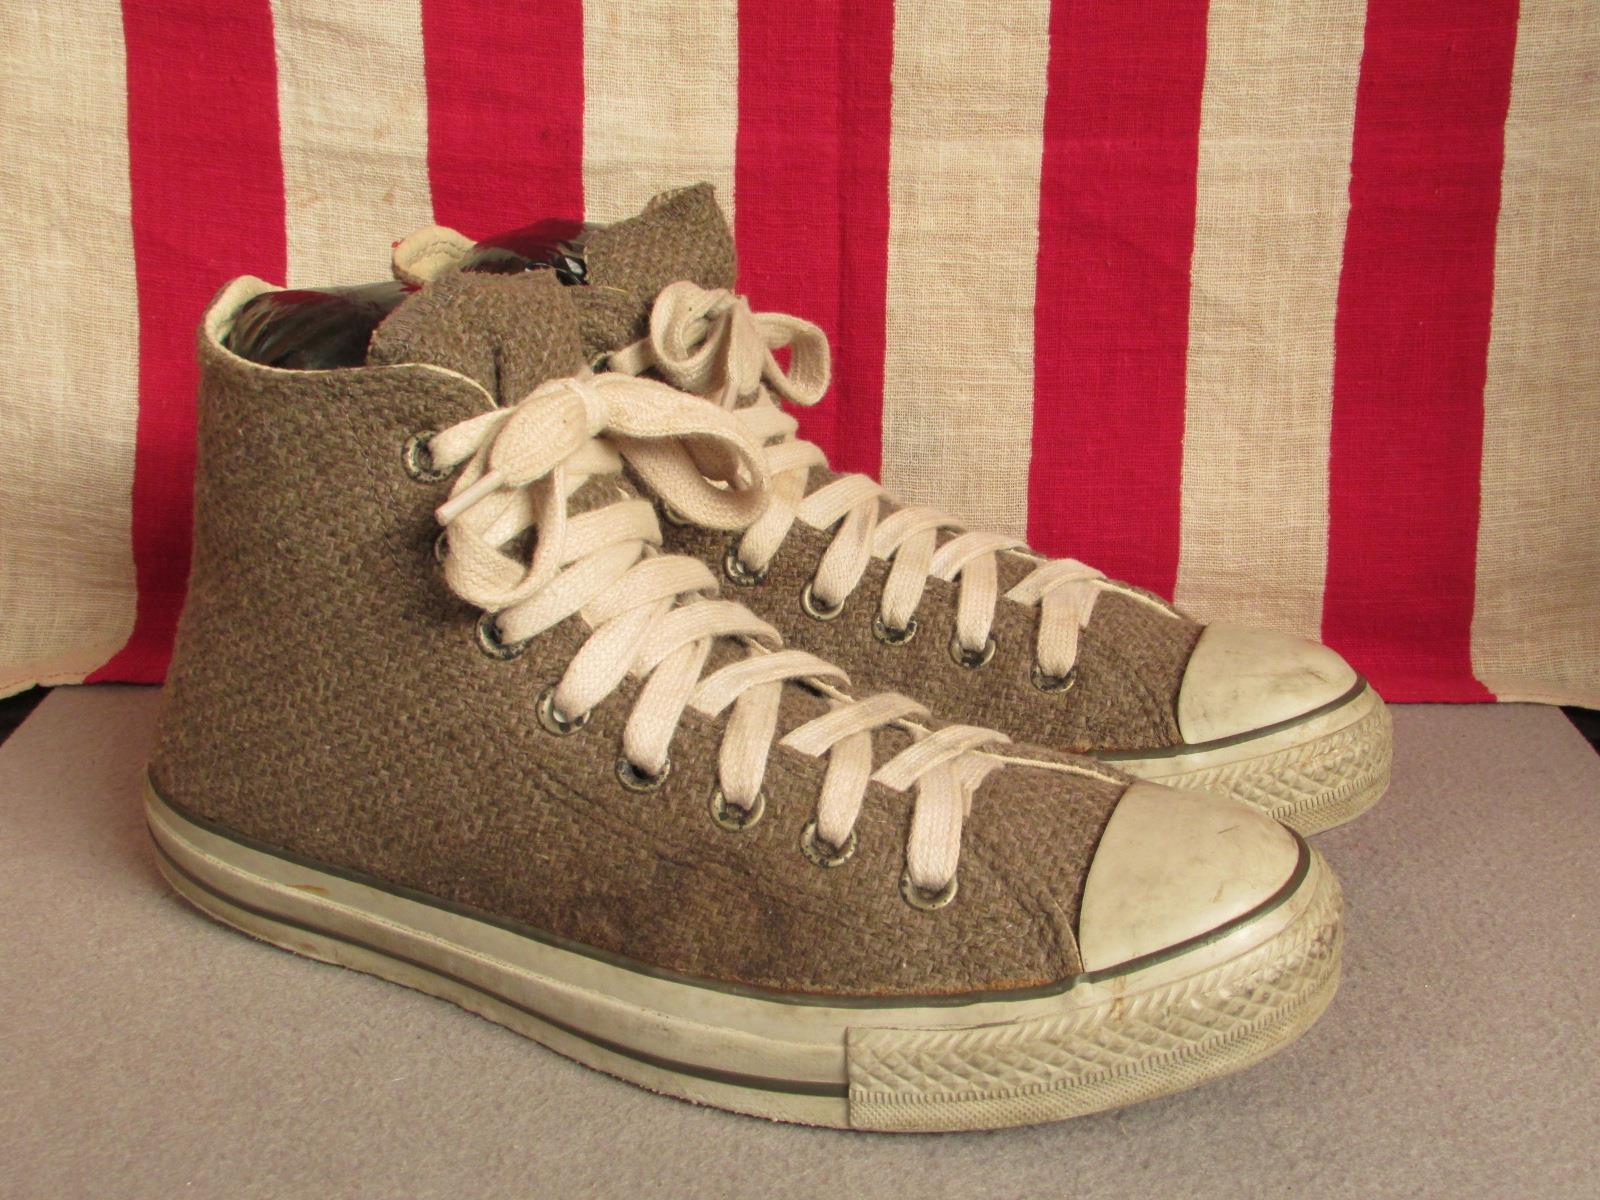 Converse Basketball Chuck Taylor High Top Basketball Converse Sneakers Schuhes   Herren Sz.8 Rare Style 453307